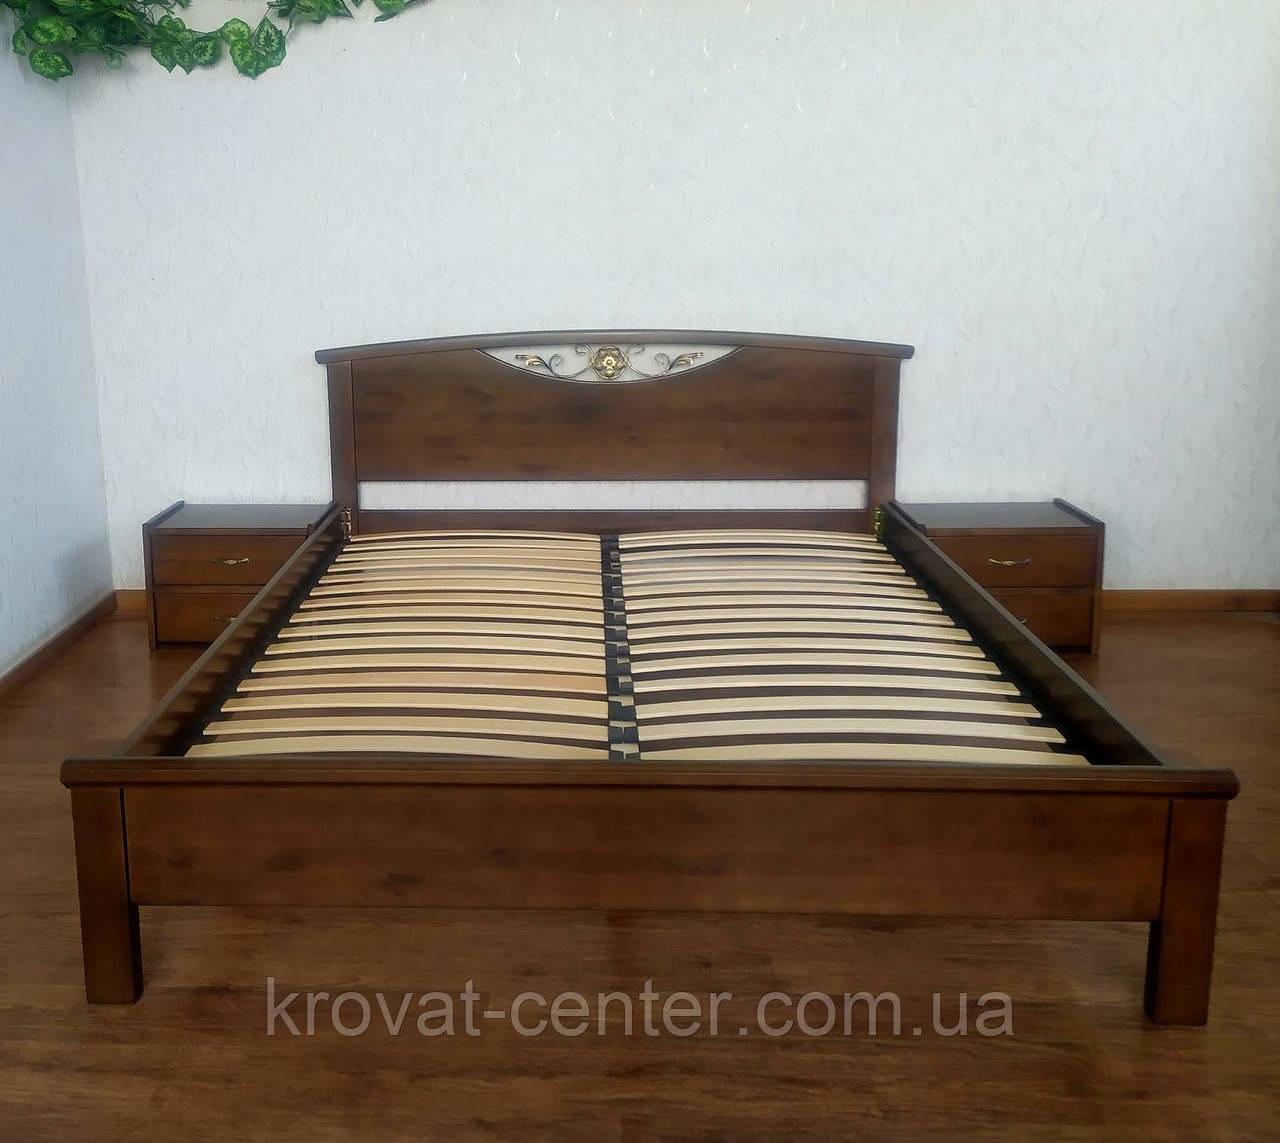 """Двуспальная кровать из массива дерева """"Фантазия"""" с тумбочками"""